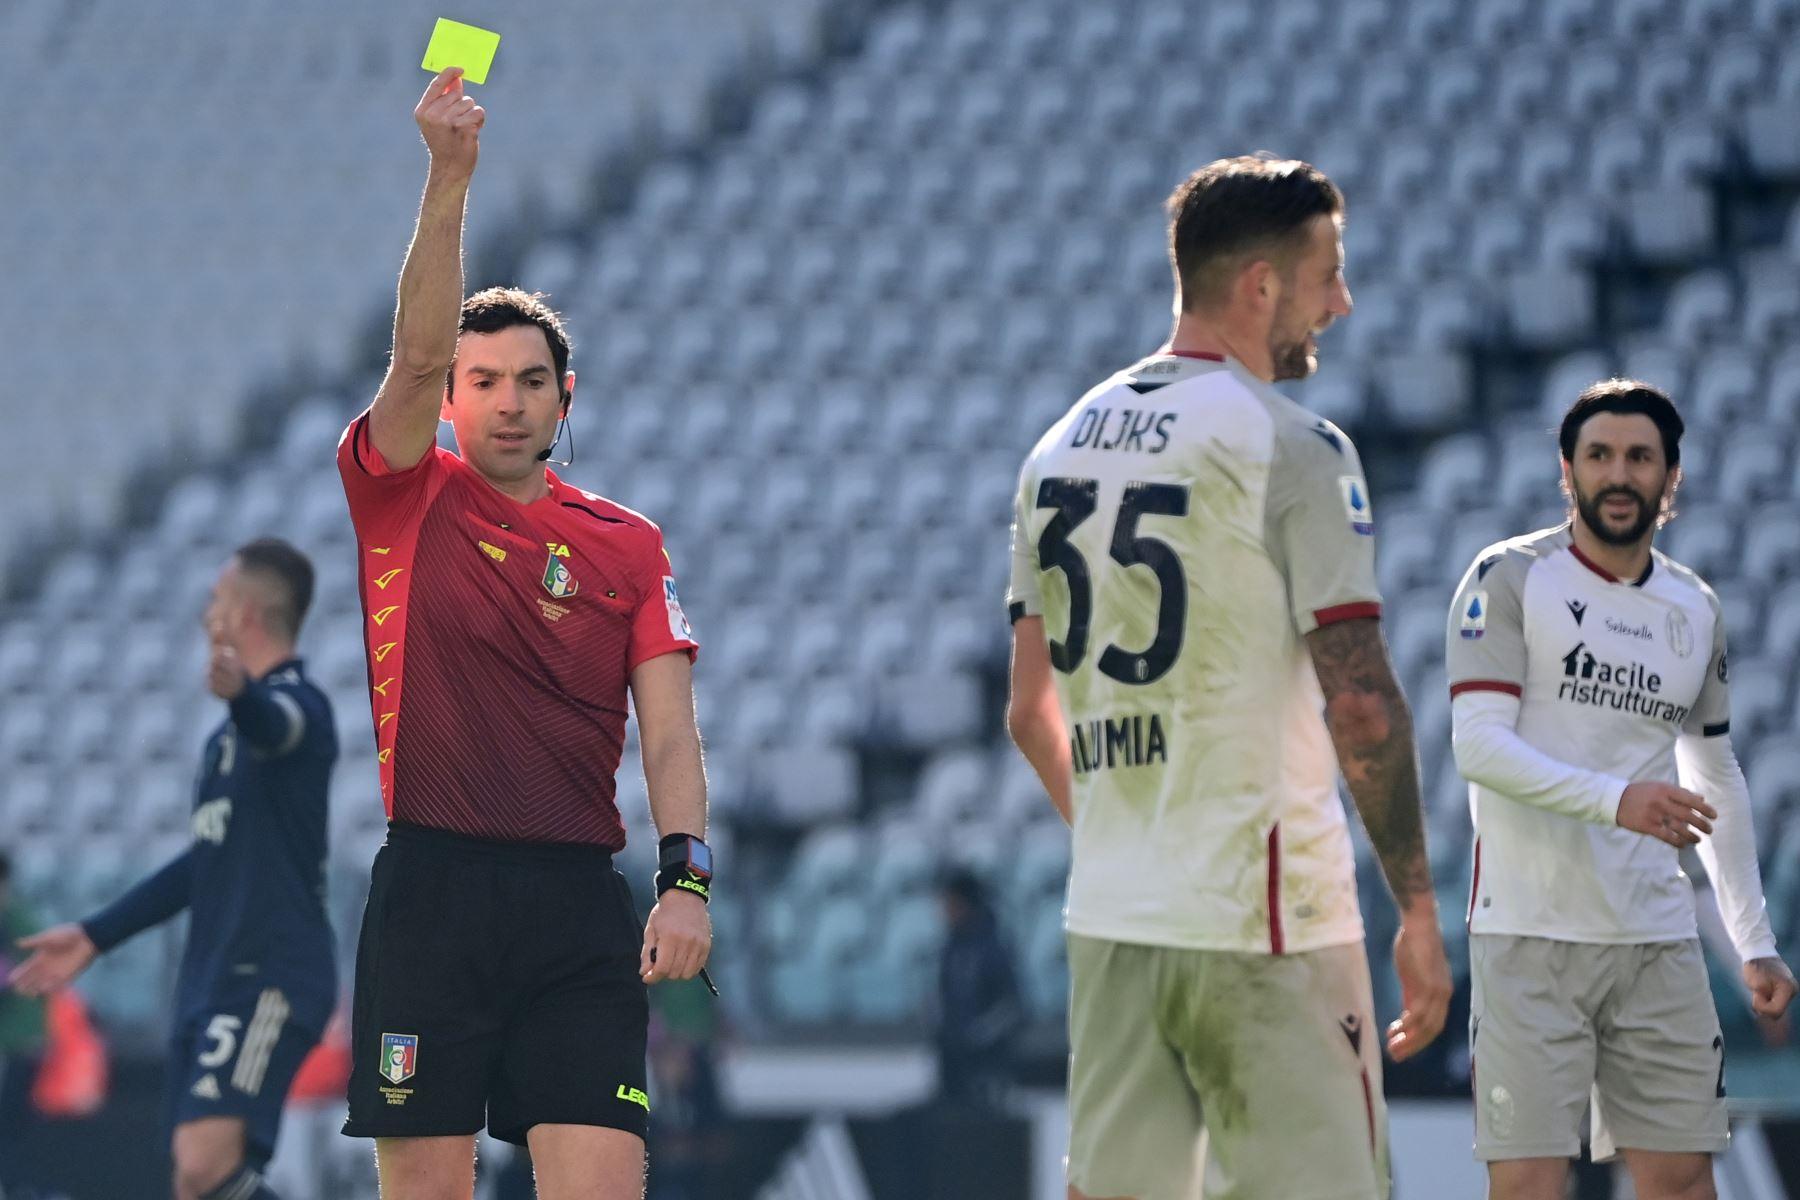 El árbitro italiano Juan Luca Sacchi da una tarjeta amarilla al defensor holandés de Bolonia Mitchell Dijks durante el partido de fútbol de la Serie A italiana Juventus vs Bolonia  en el estadio de la Juventus de Turín.  Foto: AFP